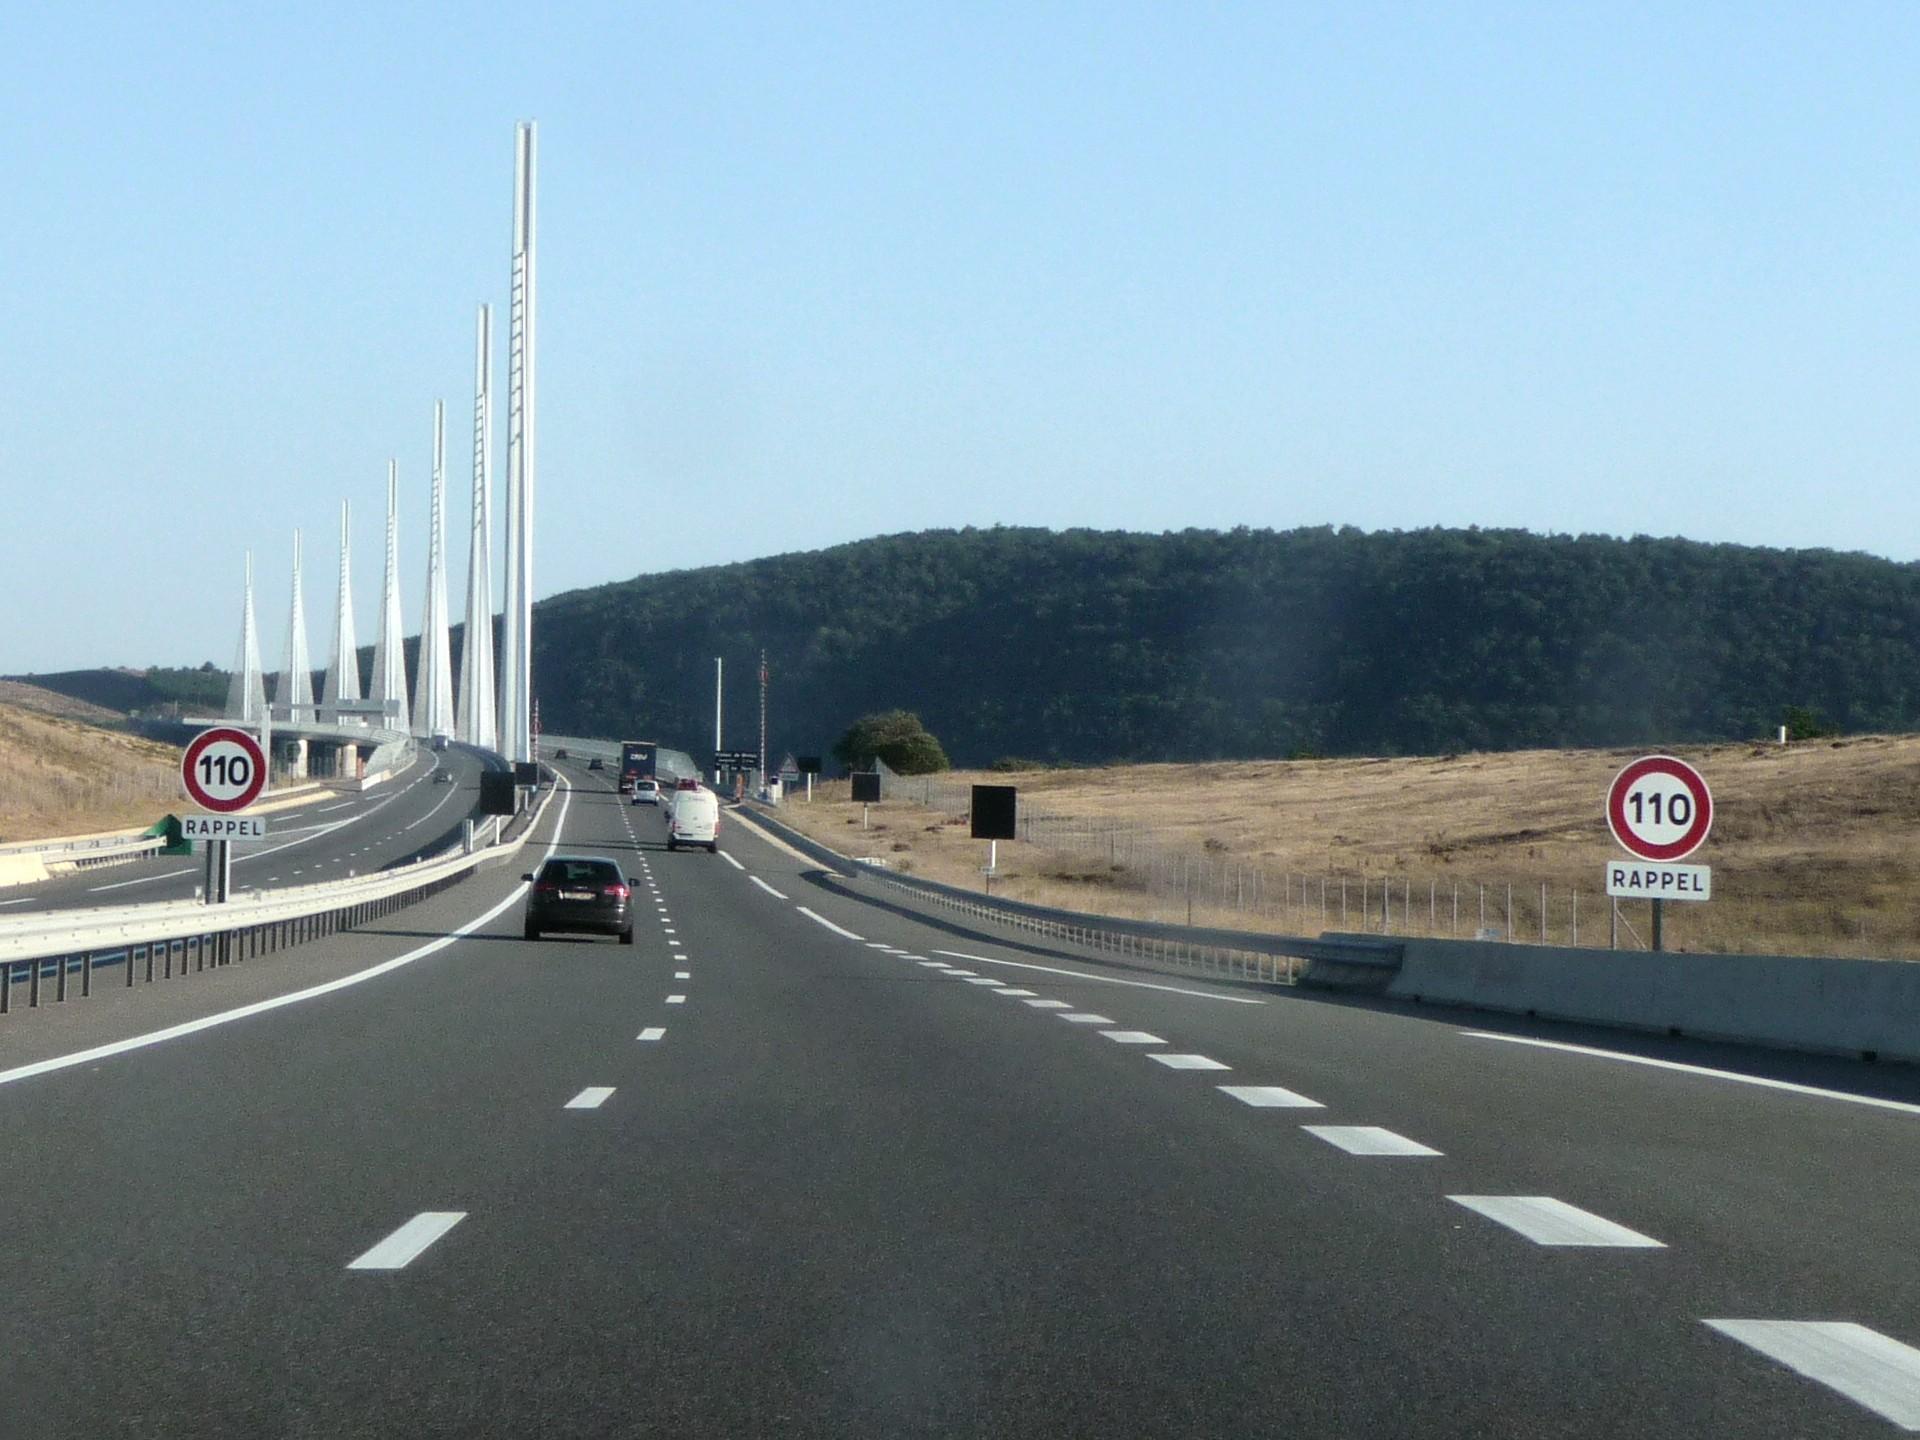 Zufahrt auf der Autobahn zum Viaduc de Millau